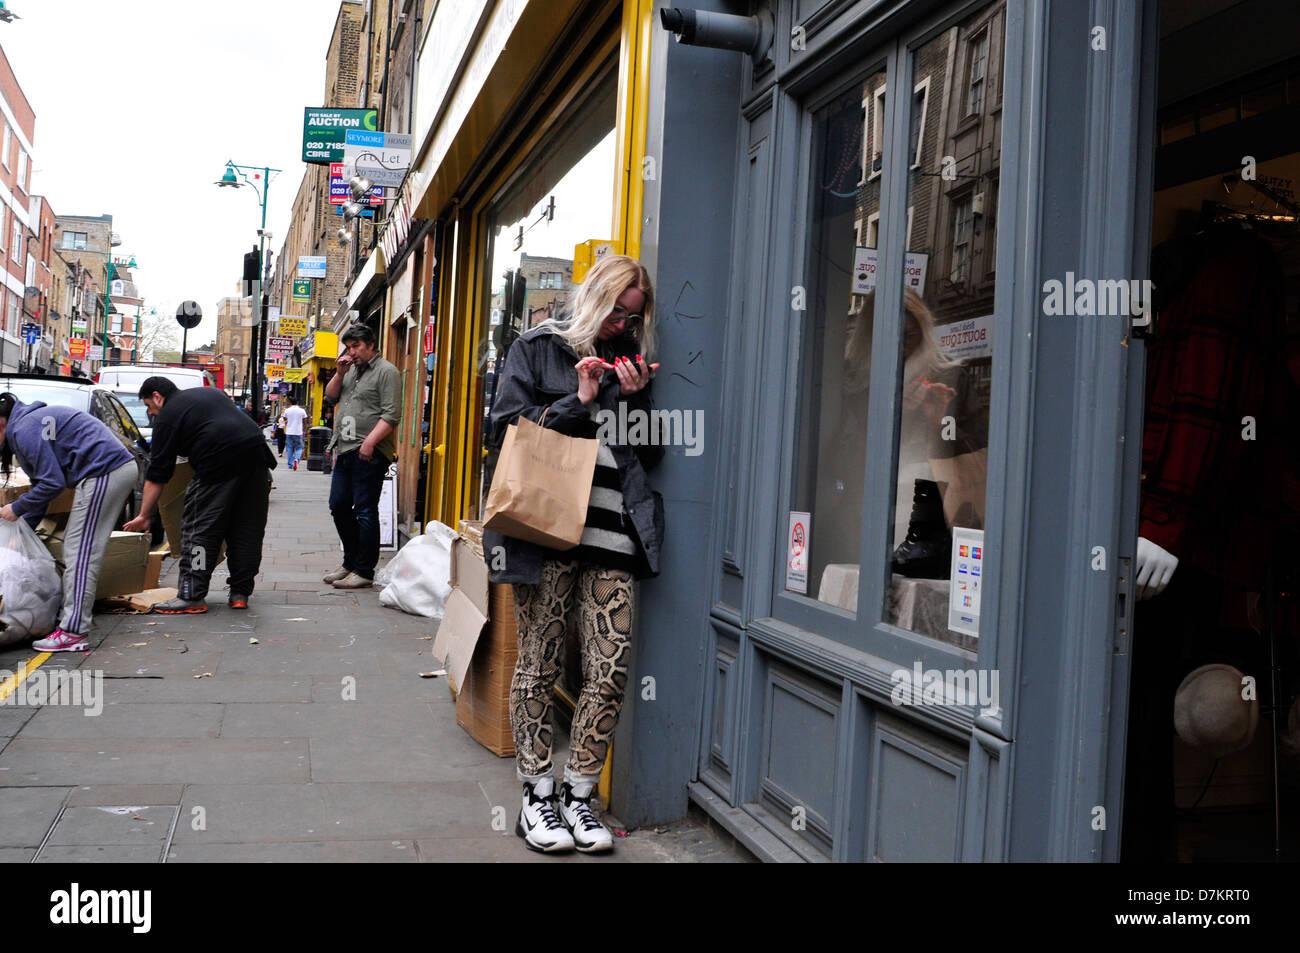 Una ragazza con il chiodo rosso utilizza un telefono in Brick Lane, London, Regno Unito Immagini Stock